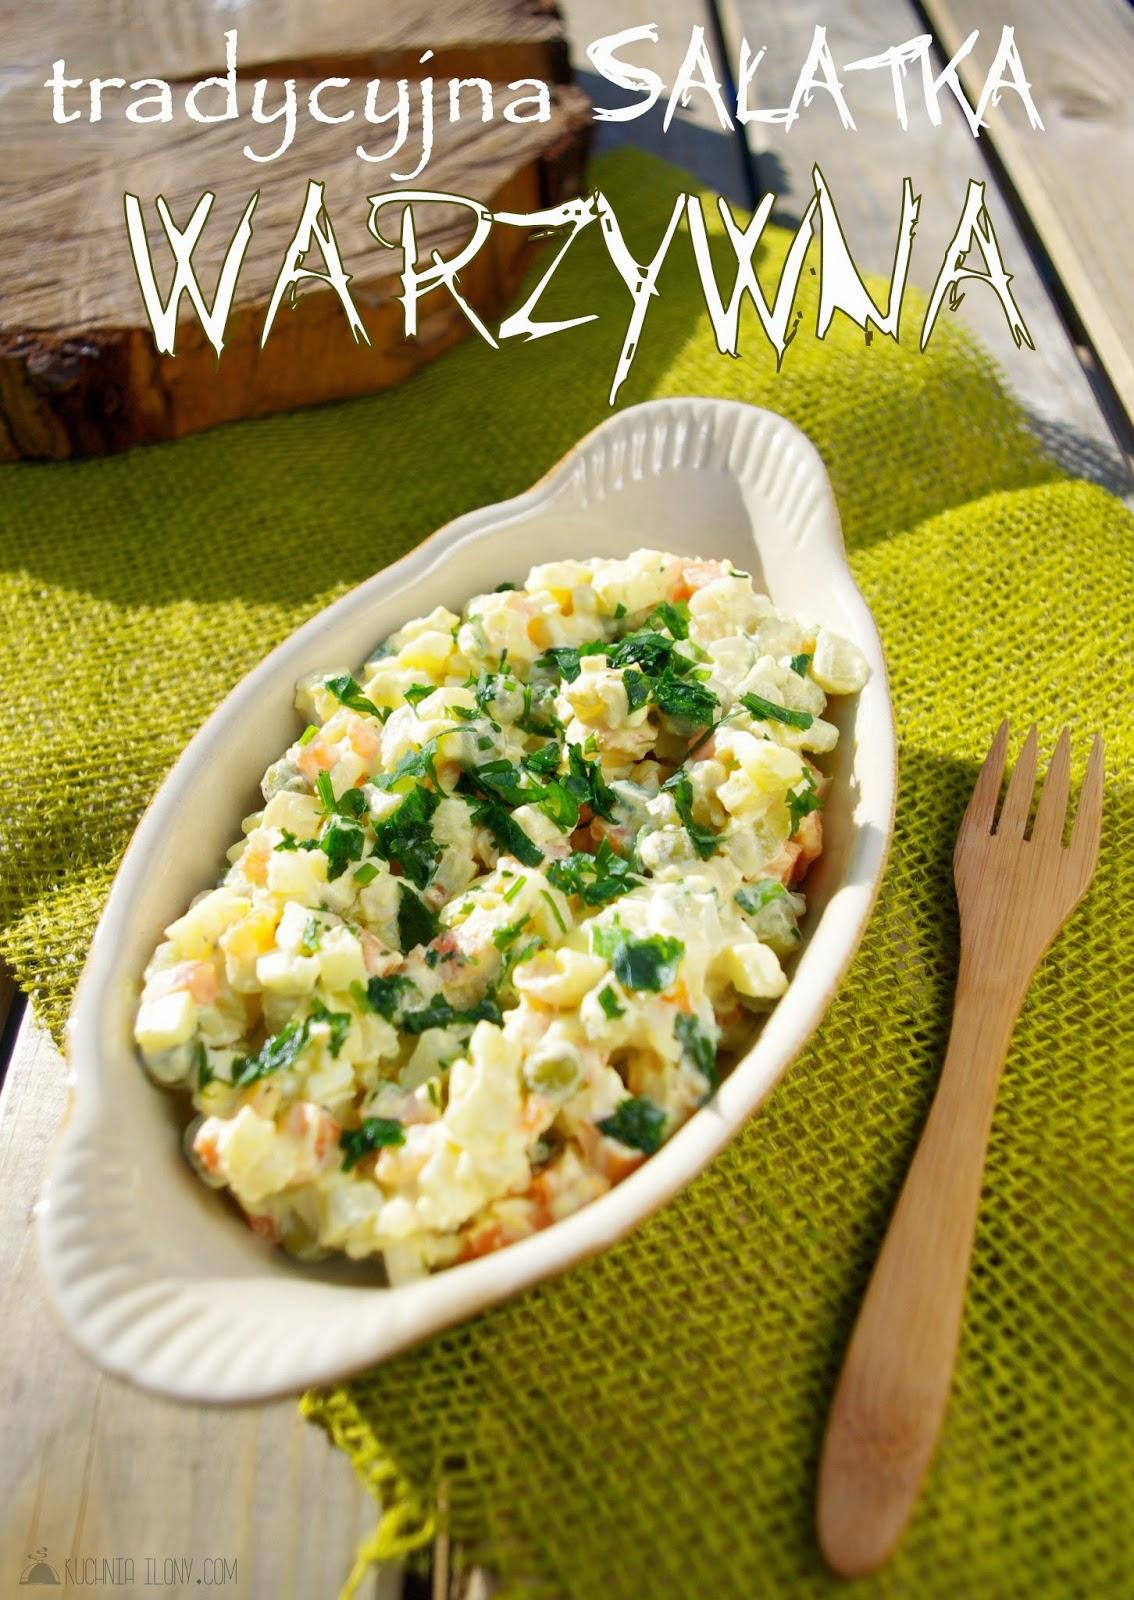 tradycyjna sałatka warzywna, sałatka jarzynowa, sałatka, kuchnia ilony, wielkanoc, boże narodzenie, wigilia